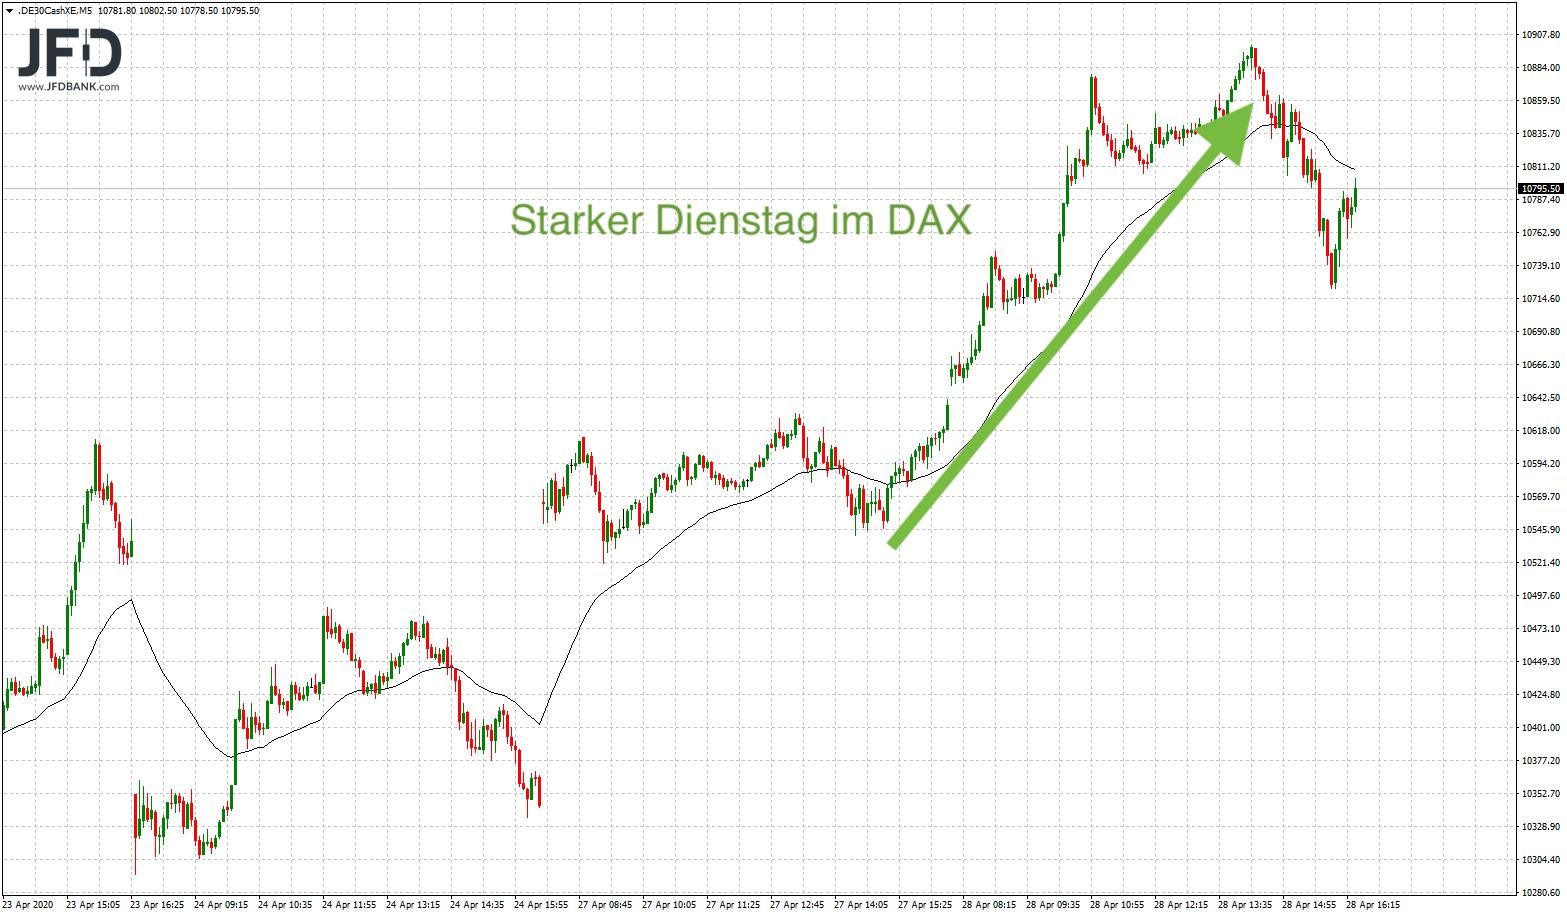 Trägt-die-DAX-Euphorie-bis-zur-11-000-Kommentar-JFD-Bank-GodmodeTrader.de-1